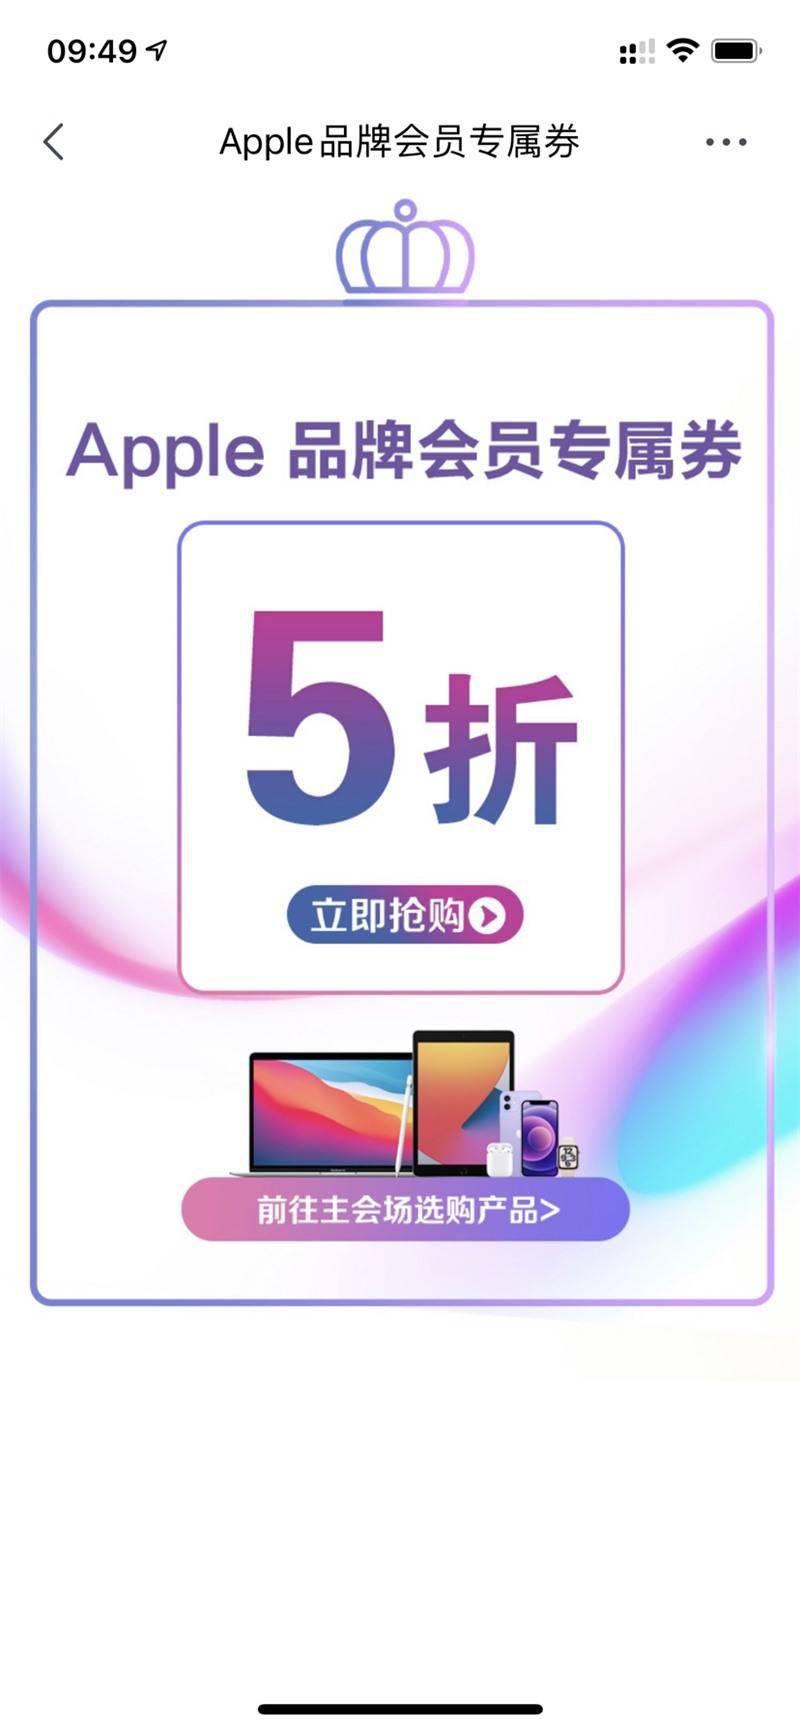 苹果京东超级品牌日:iPhone 最高降 900 元